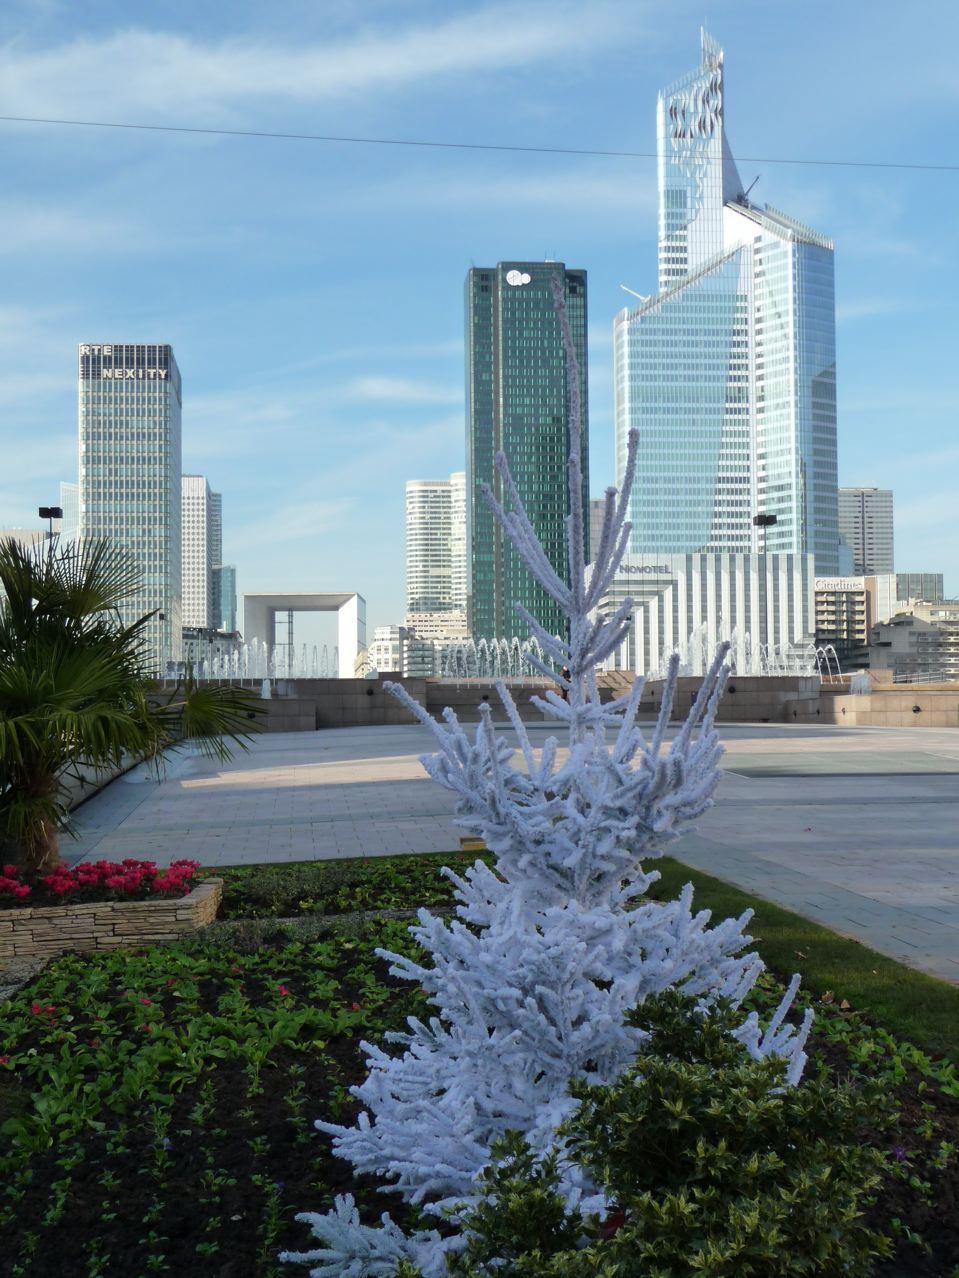 Décoration de Noël dans Neuilly-sur-Seine (92) avec les grandes tours de la Défense en arrière-plan